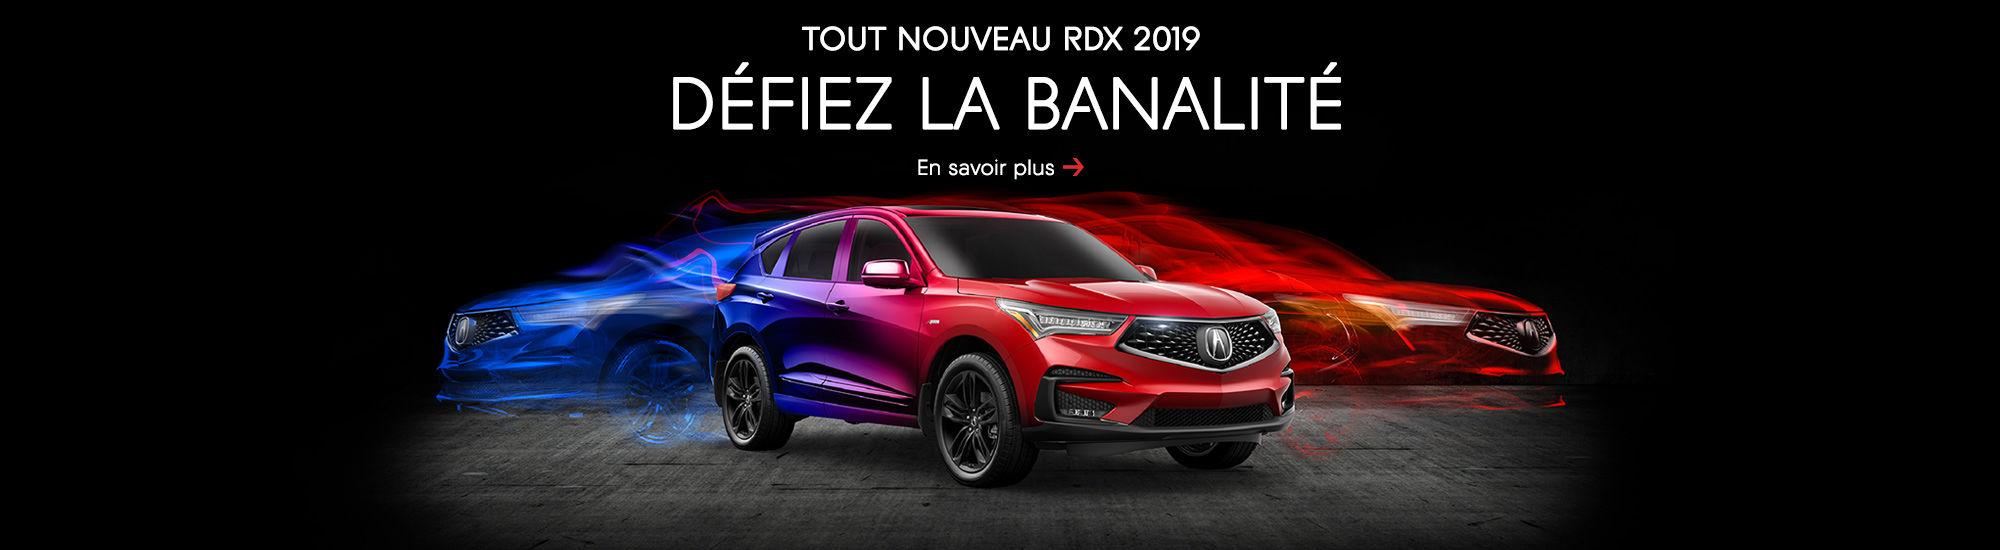 RDX 2019